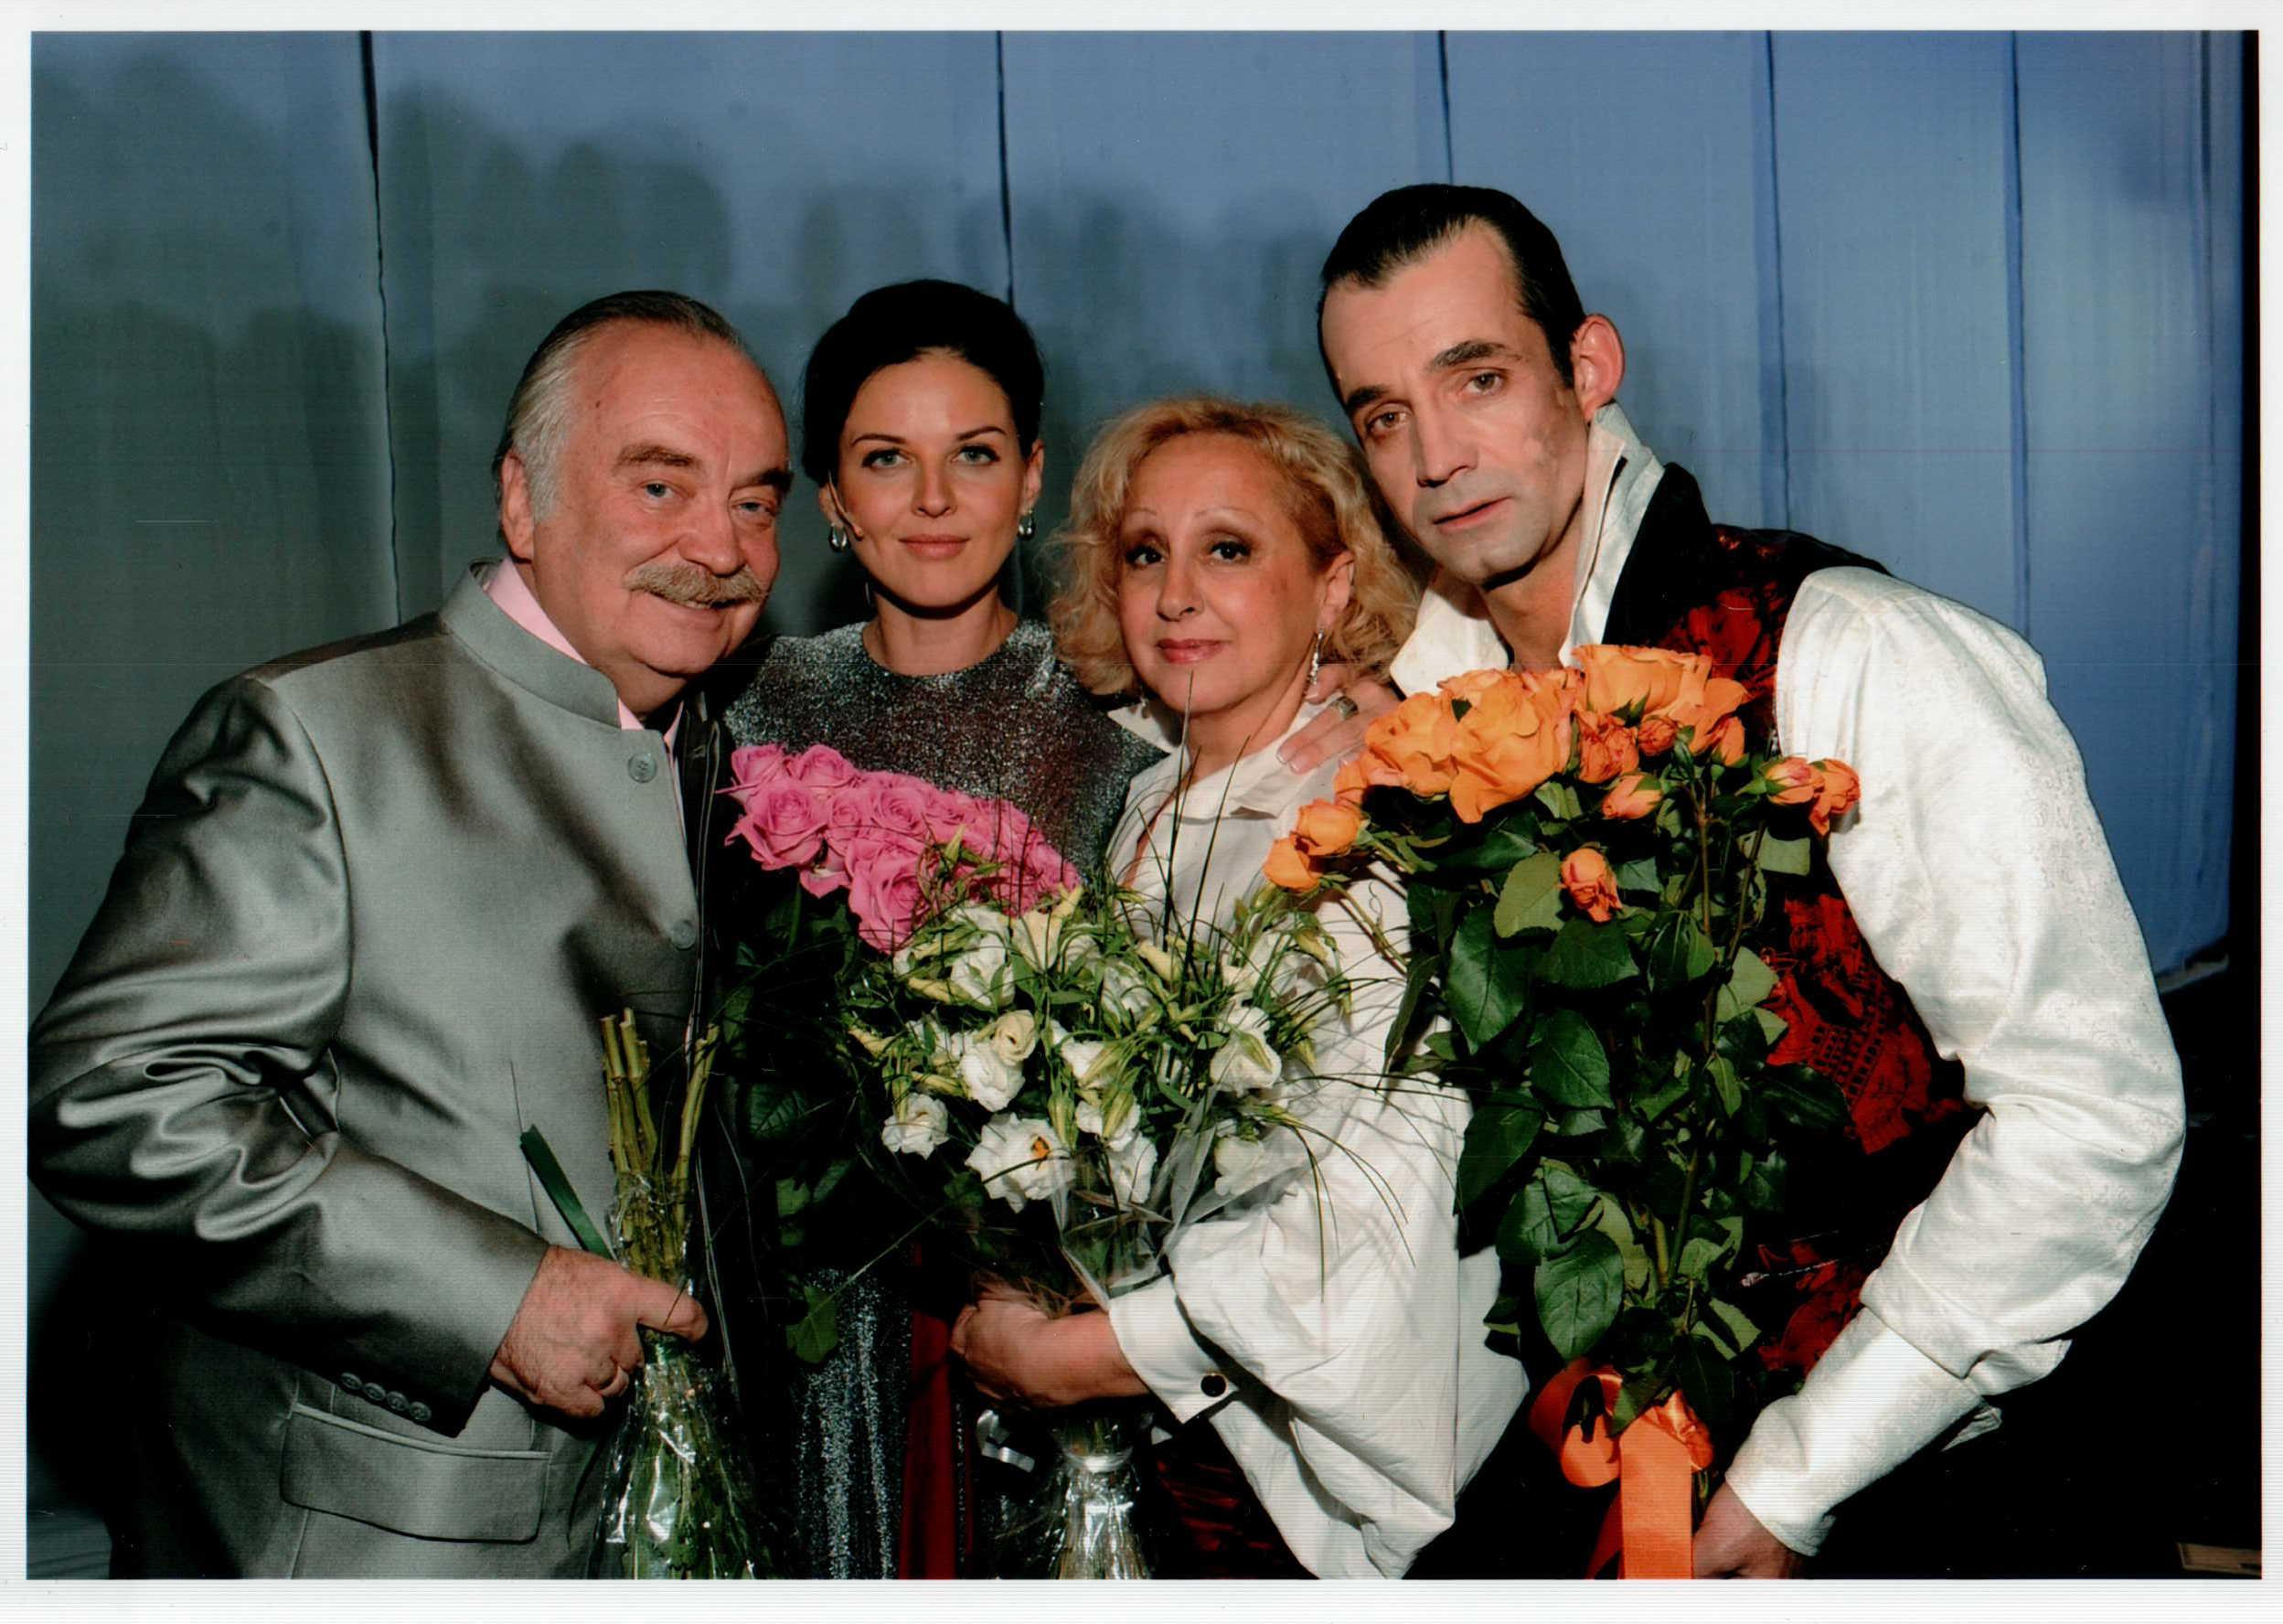 Дорогой Друг! Дмитрий Певцов! С любовью к тебе сегодня и всегда!